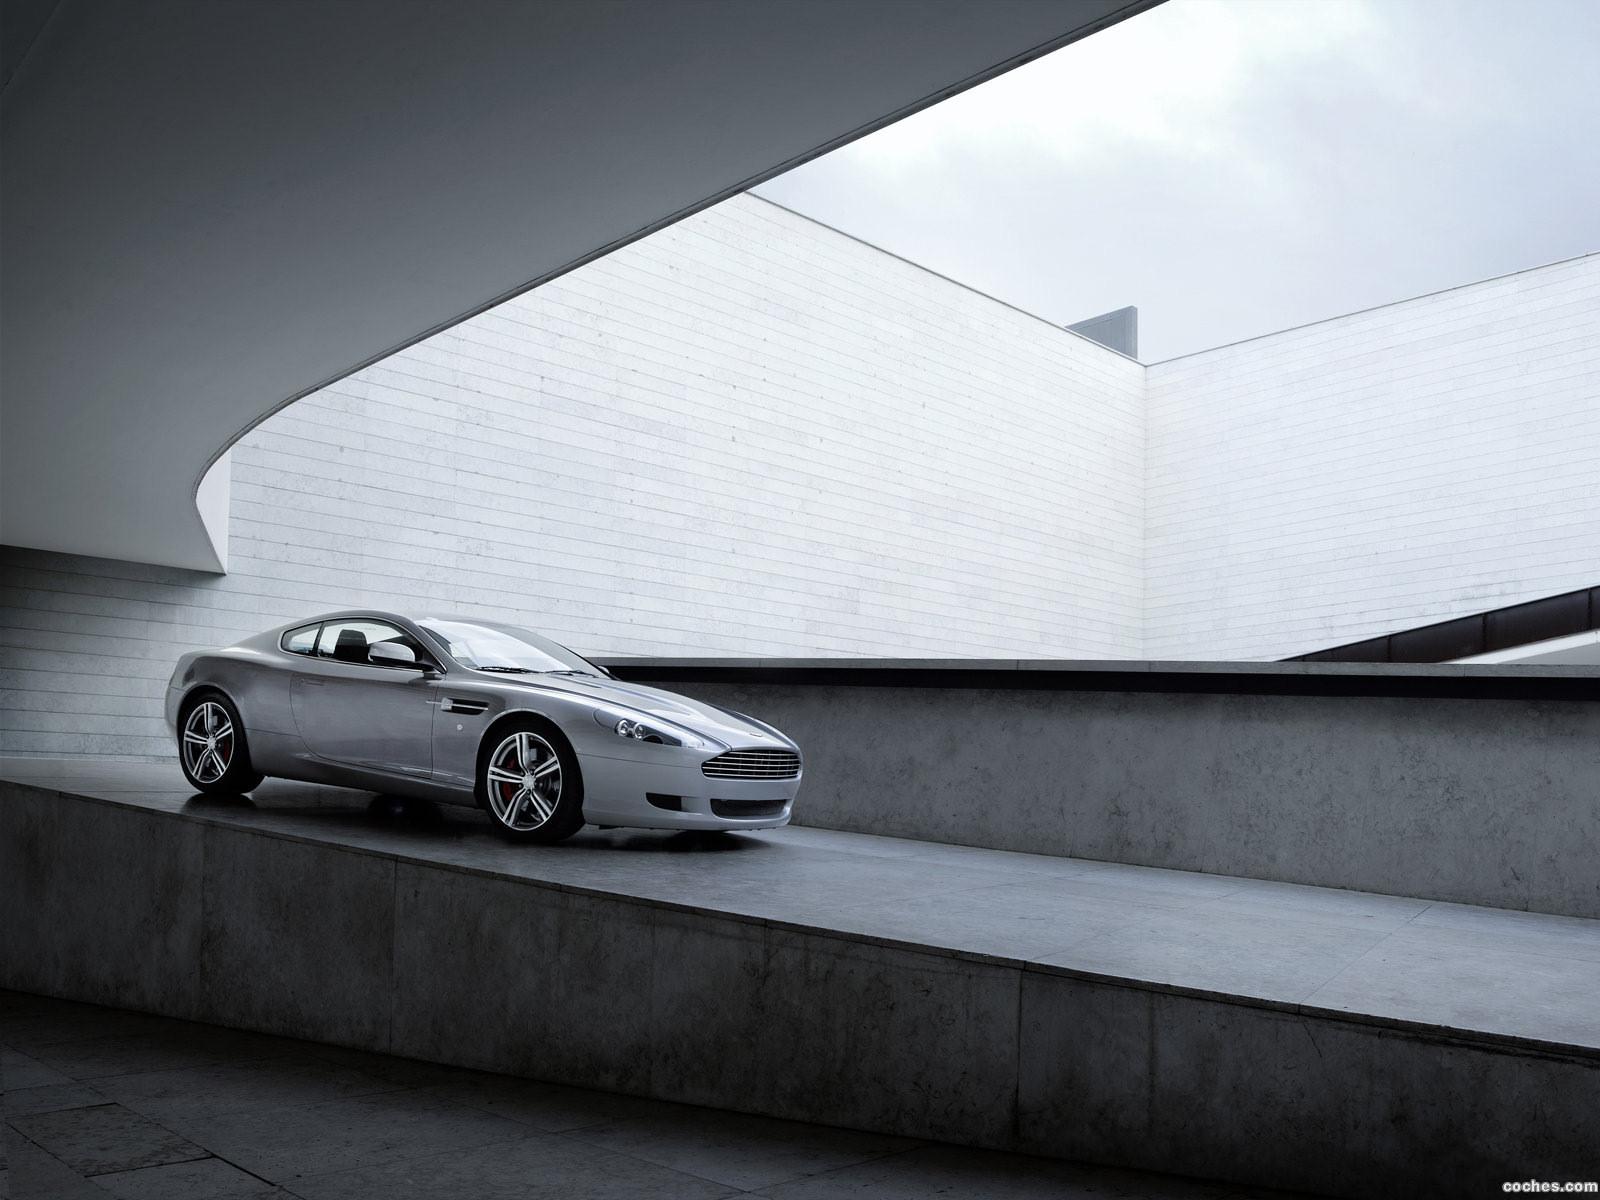 Foto 4 de Aston Martin DB9 Coupe 2009